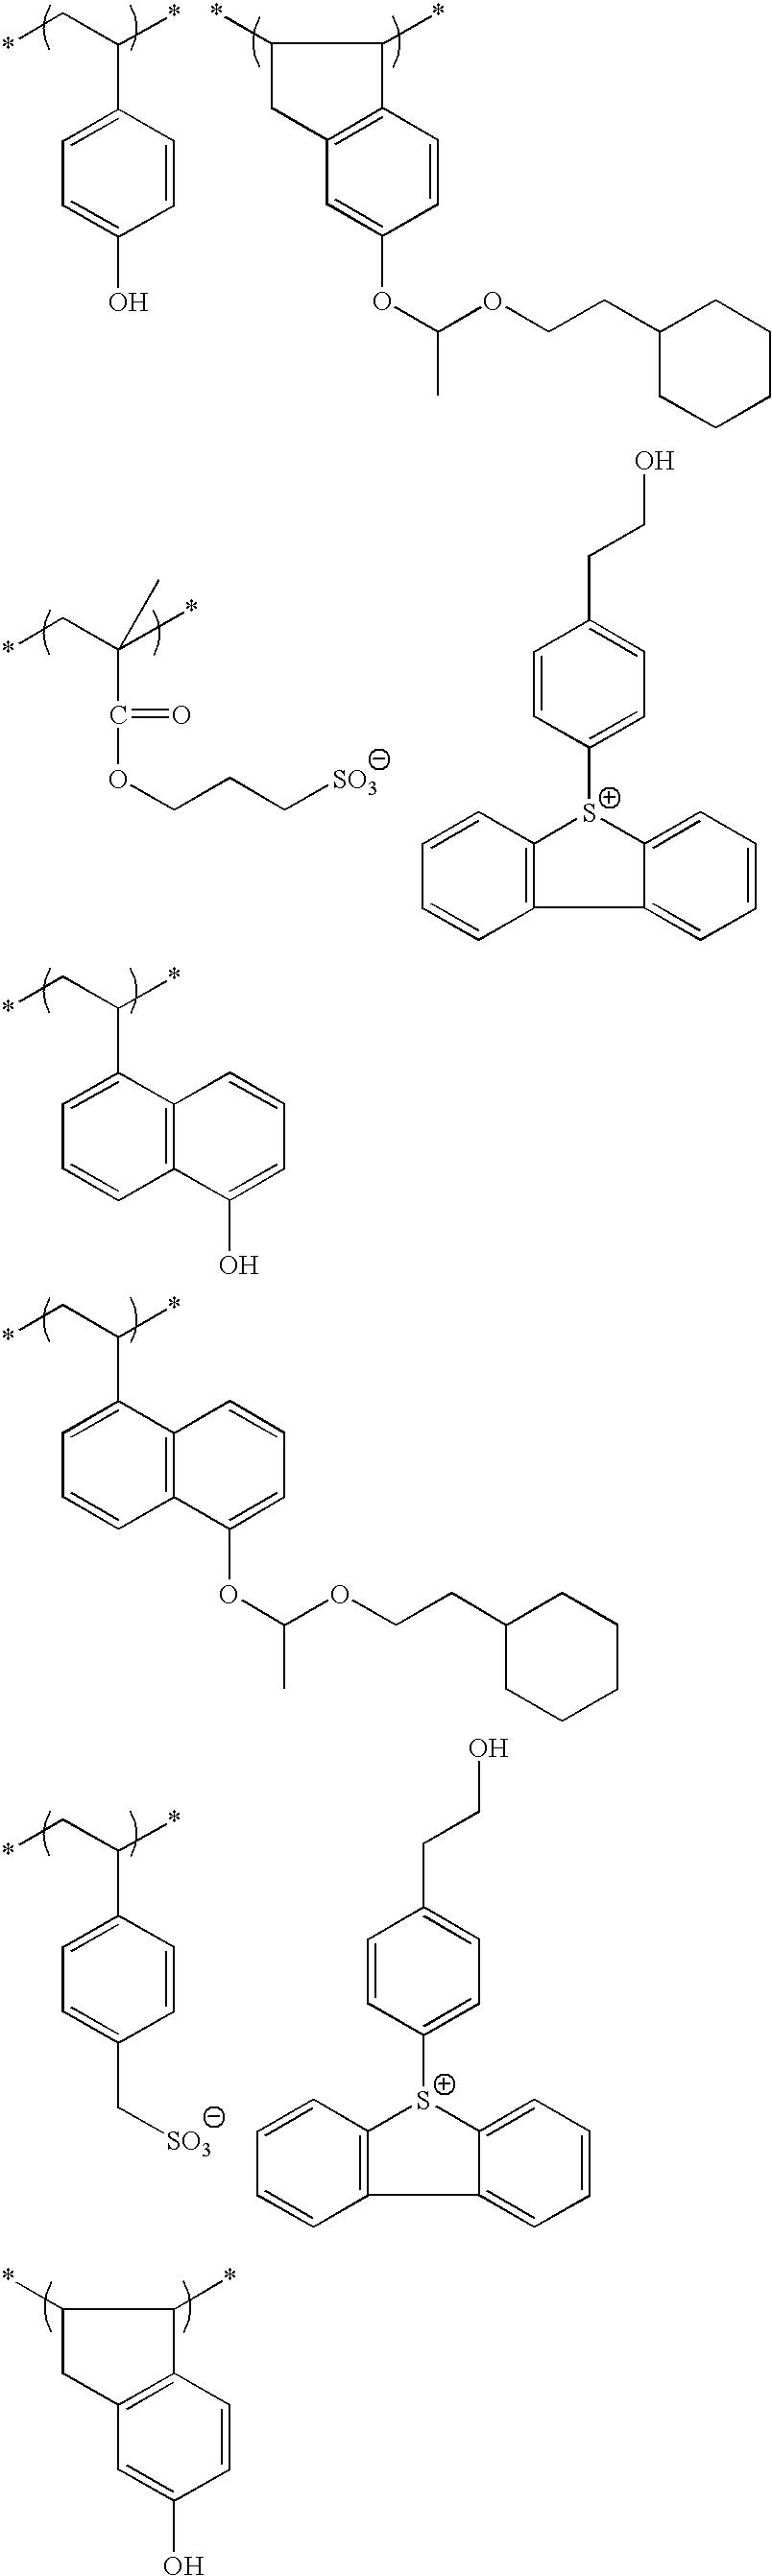 Figure US08852845-20141007-C00188